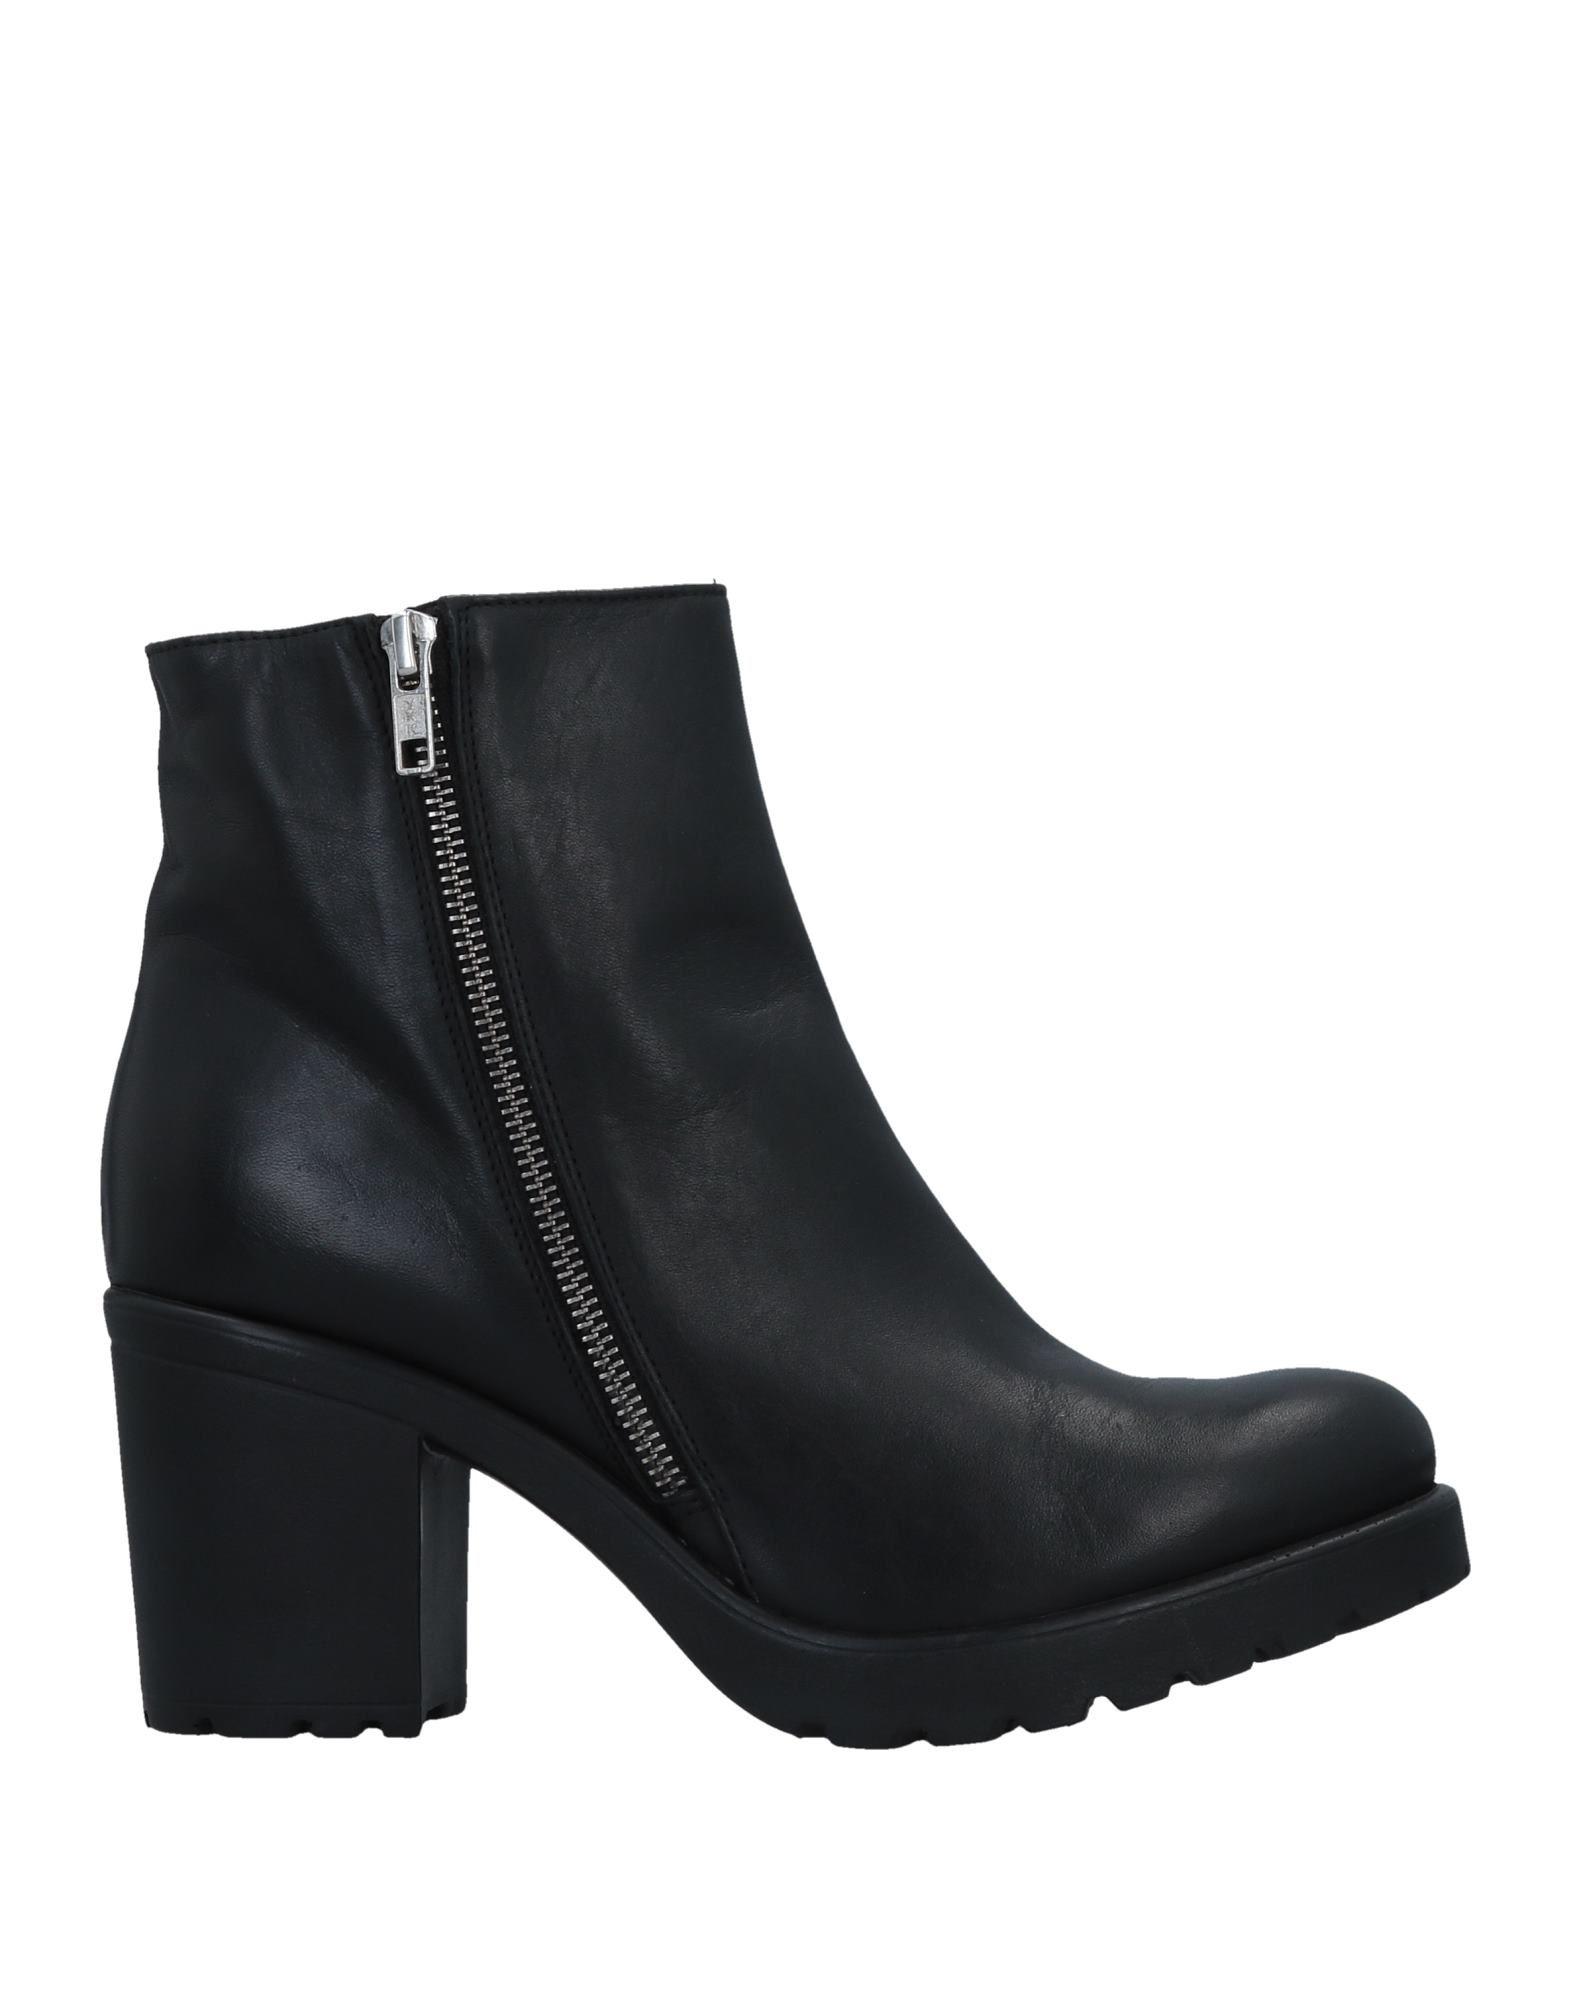 CROWN Полусапоги и высокие ботинки leather crown полусапоги и высокие ботинки